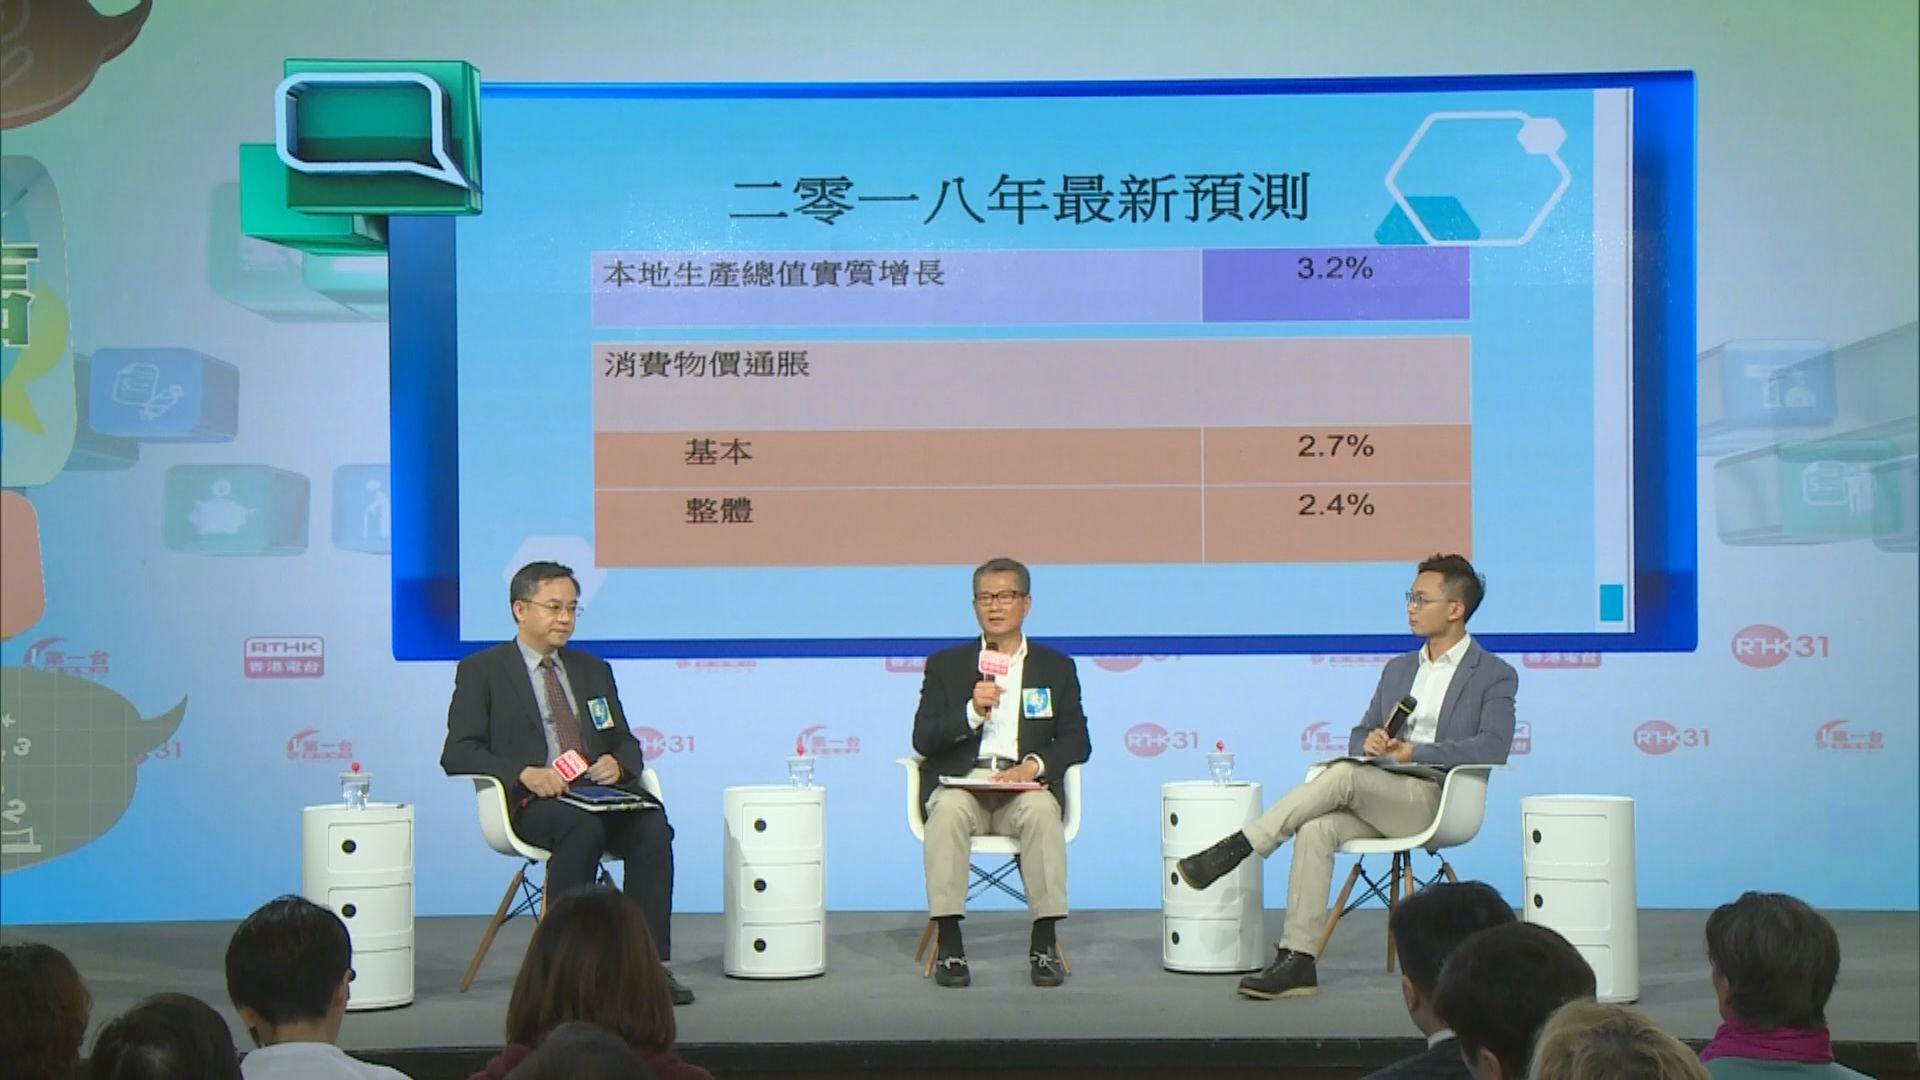 陳茂波︰預算案考慮訂逆周期措施